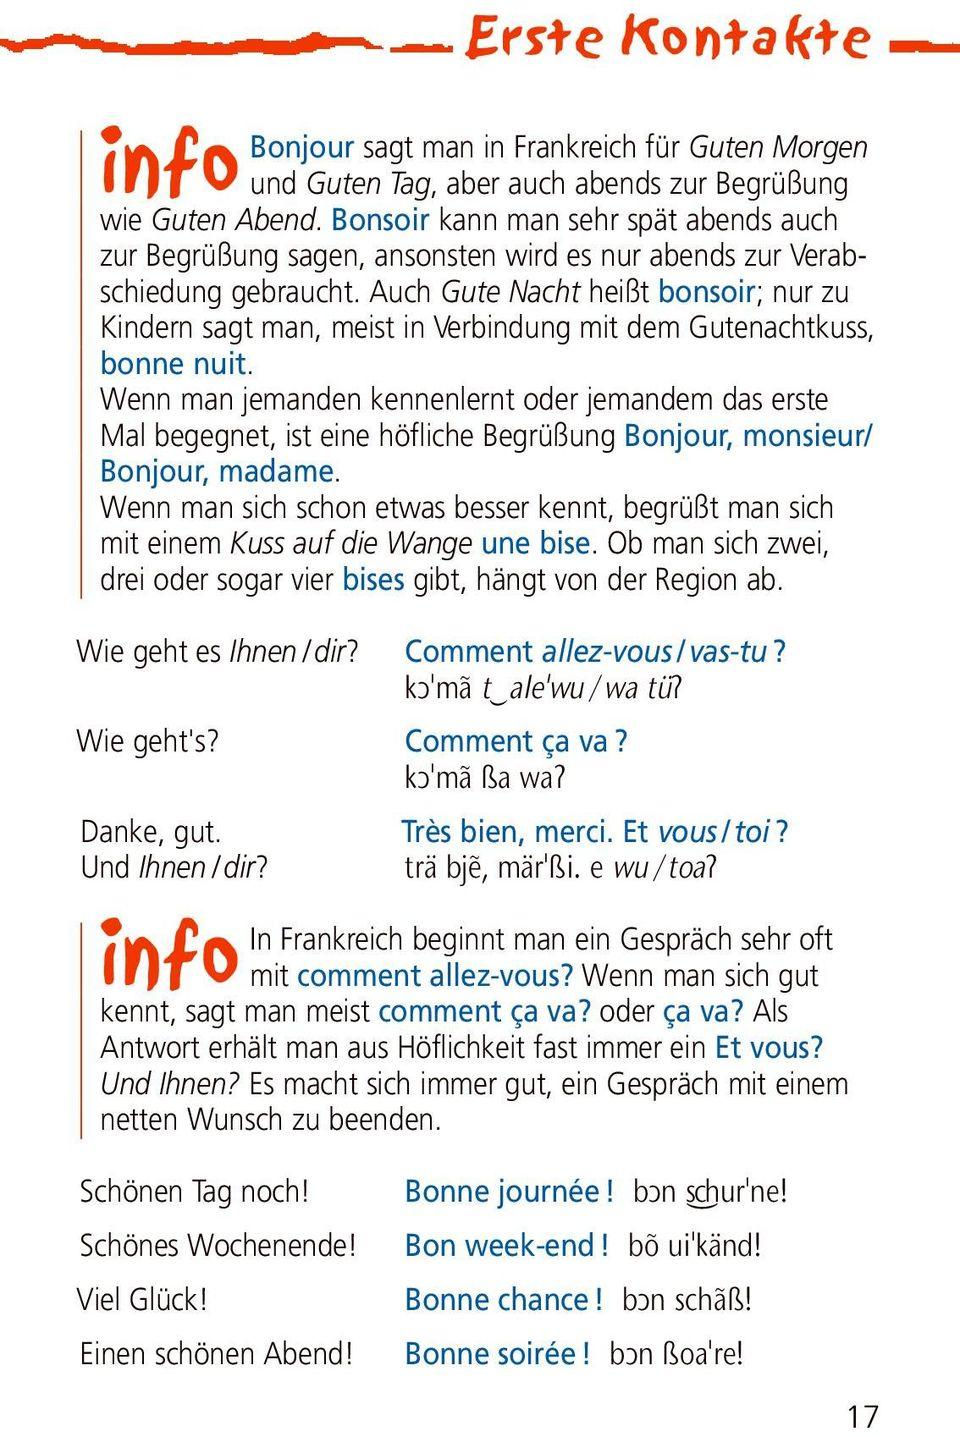 Reise. Langenscheidt. Sprachführer. Französisch. Für Alle intérieur Bonjour Monsieur Lundi. Comment Ca Va